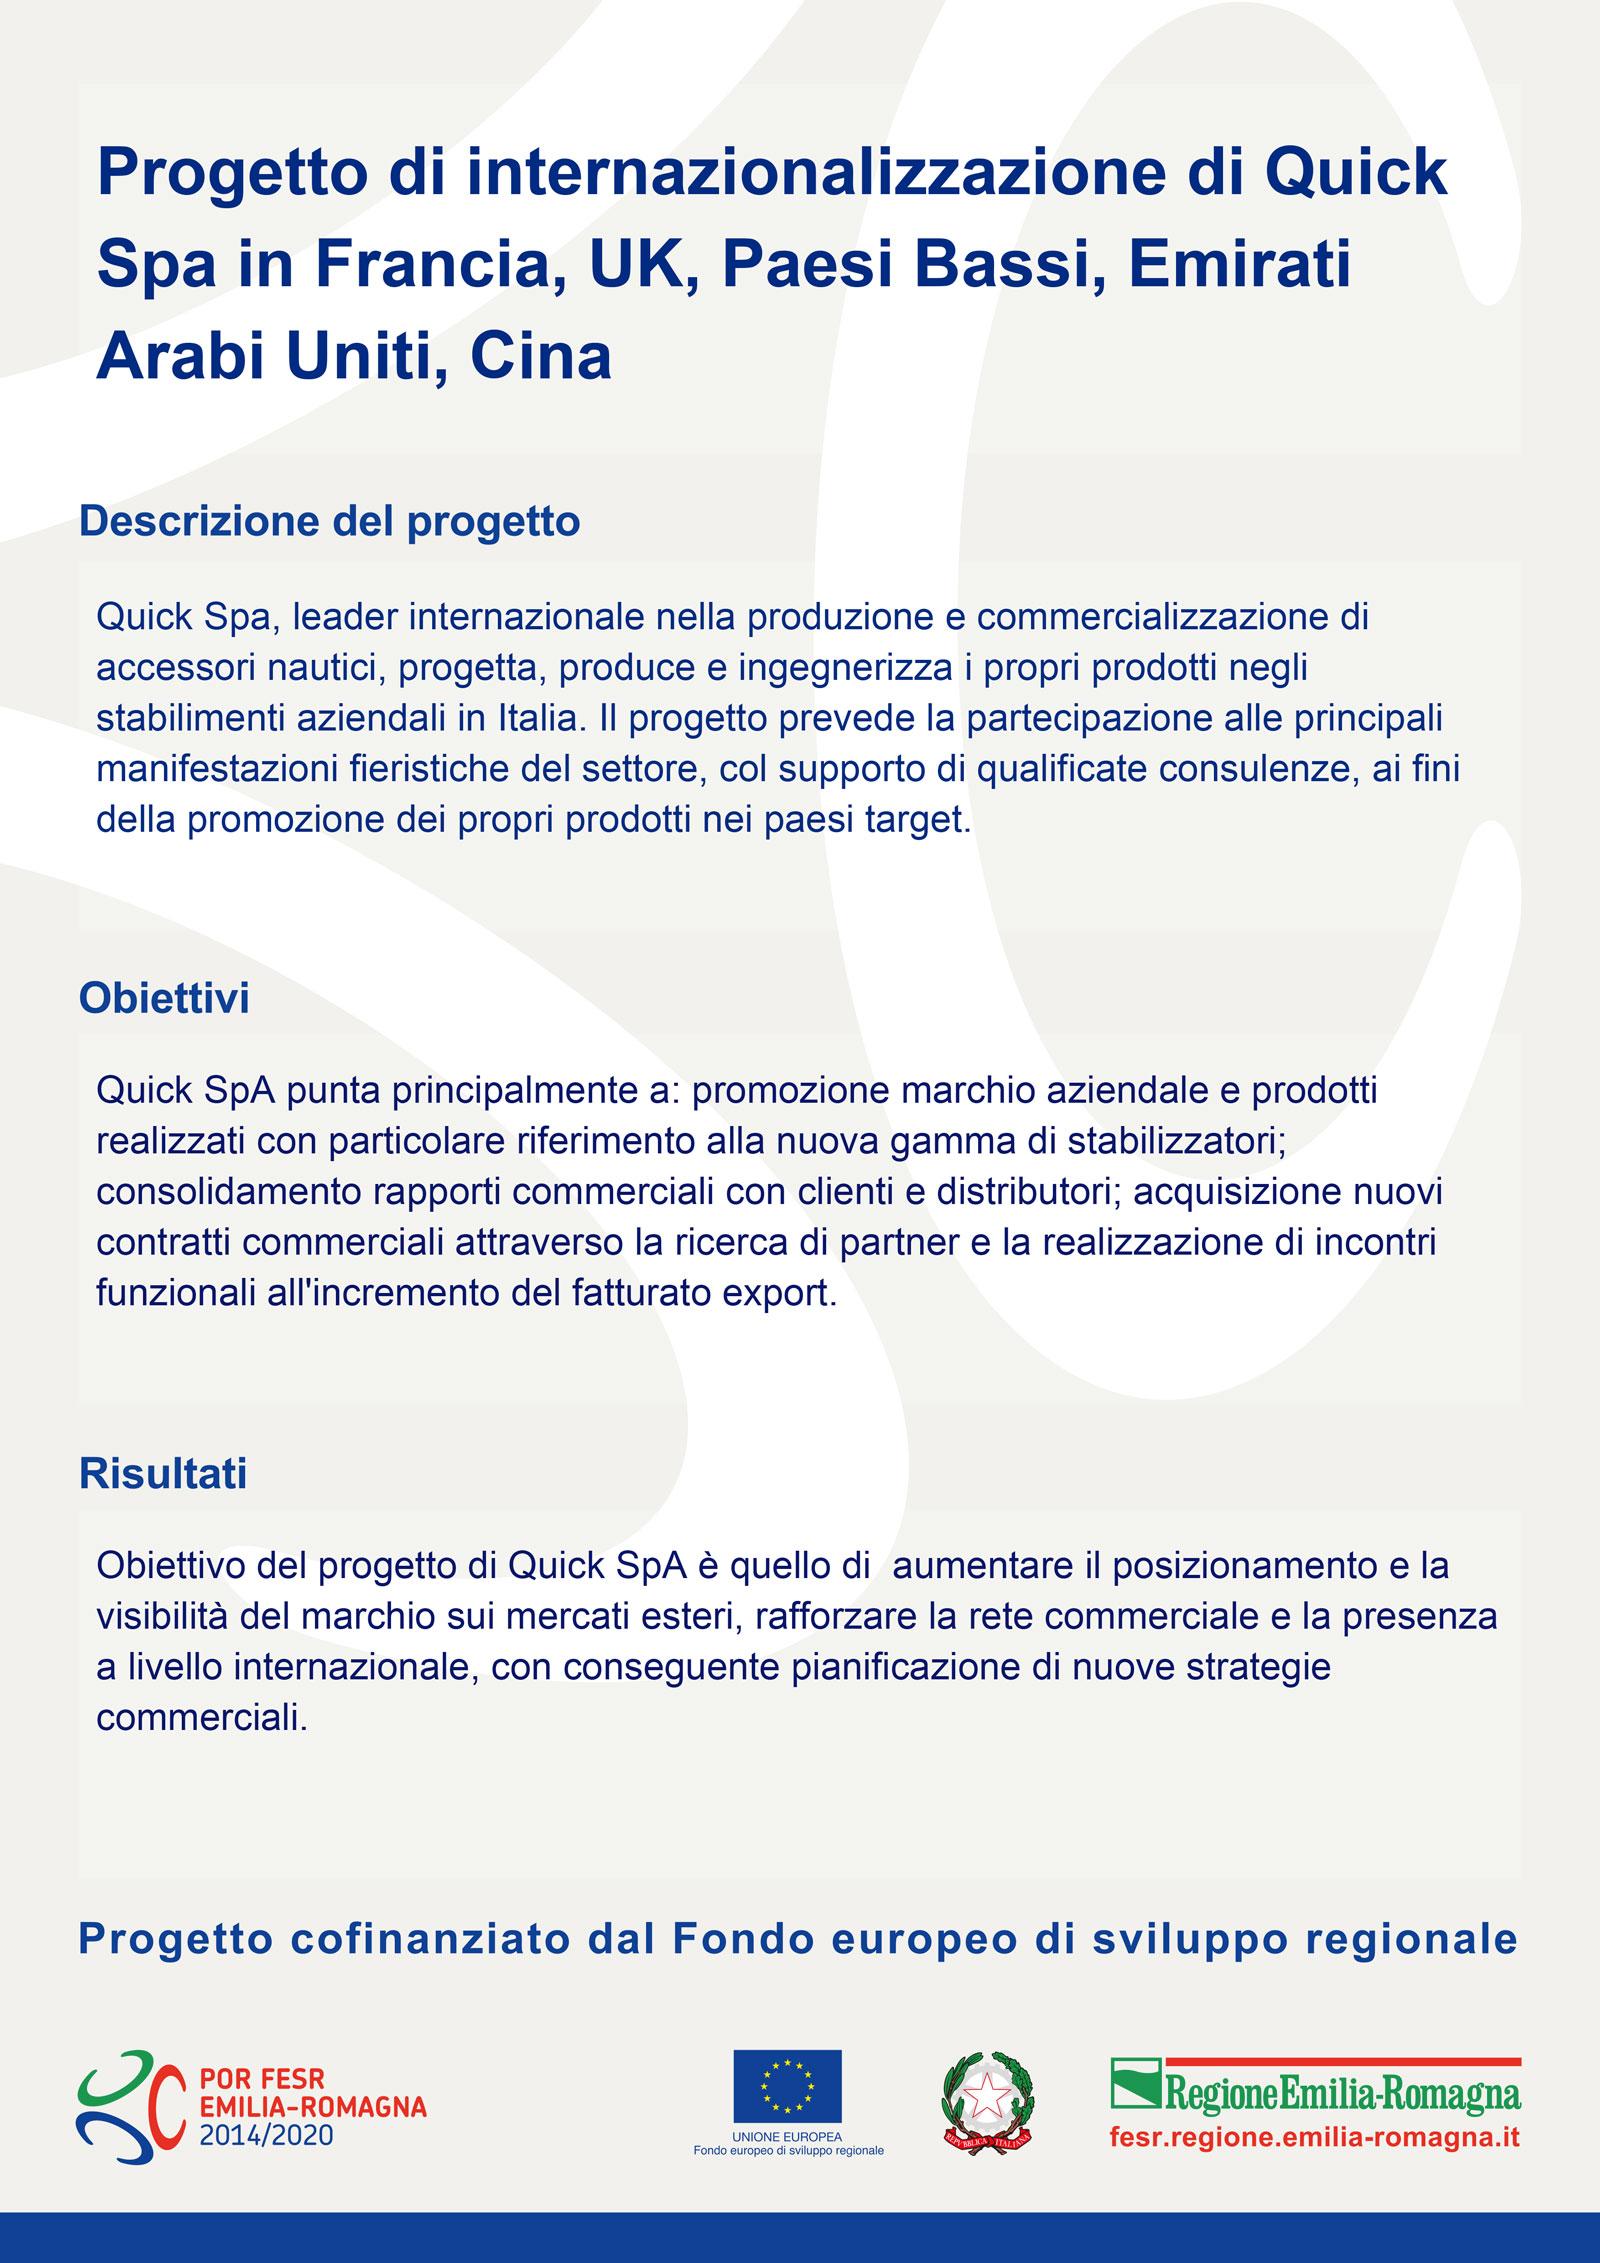 Progetto Internazionalizzazione Quick SPA